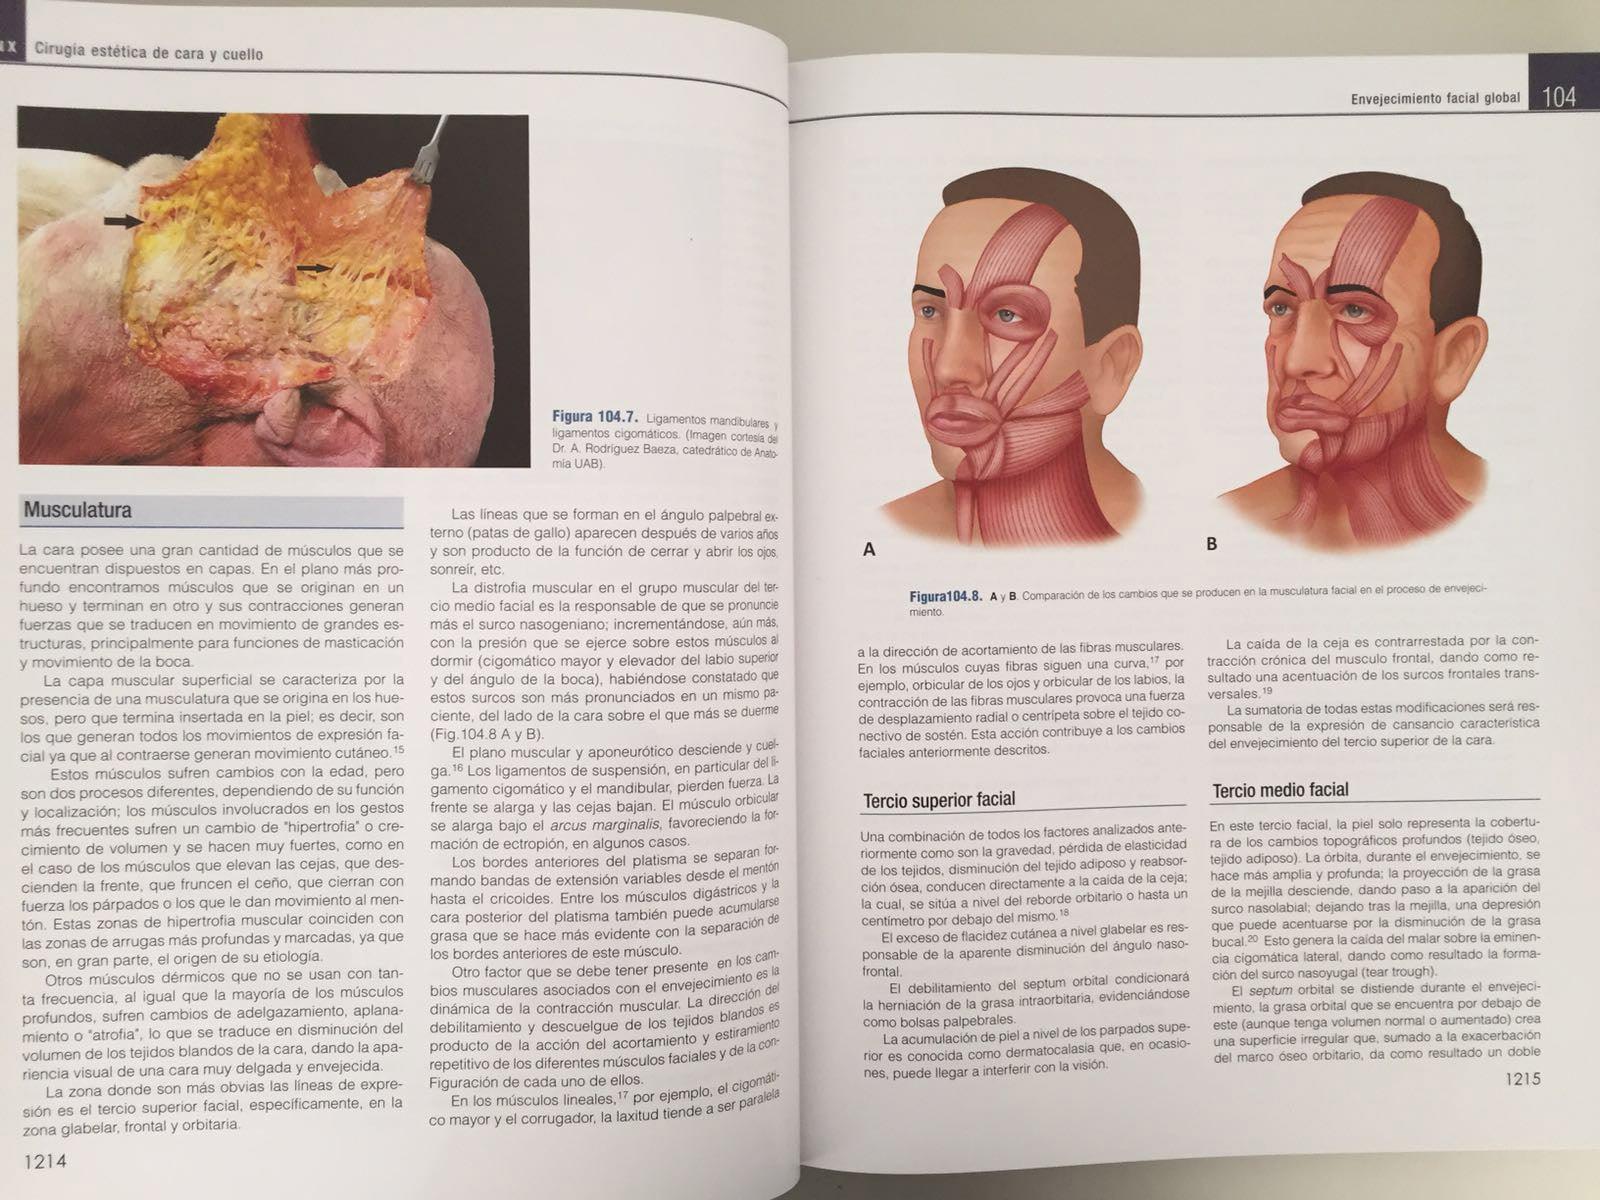 capítulo envejecimiento facial global, coiffman -4